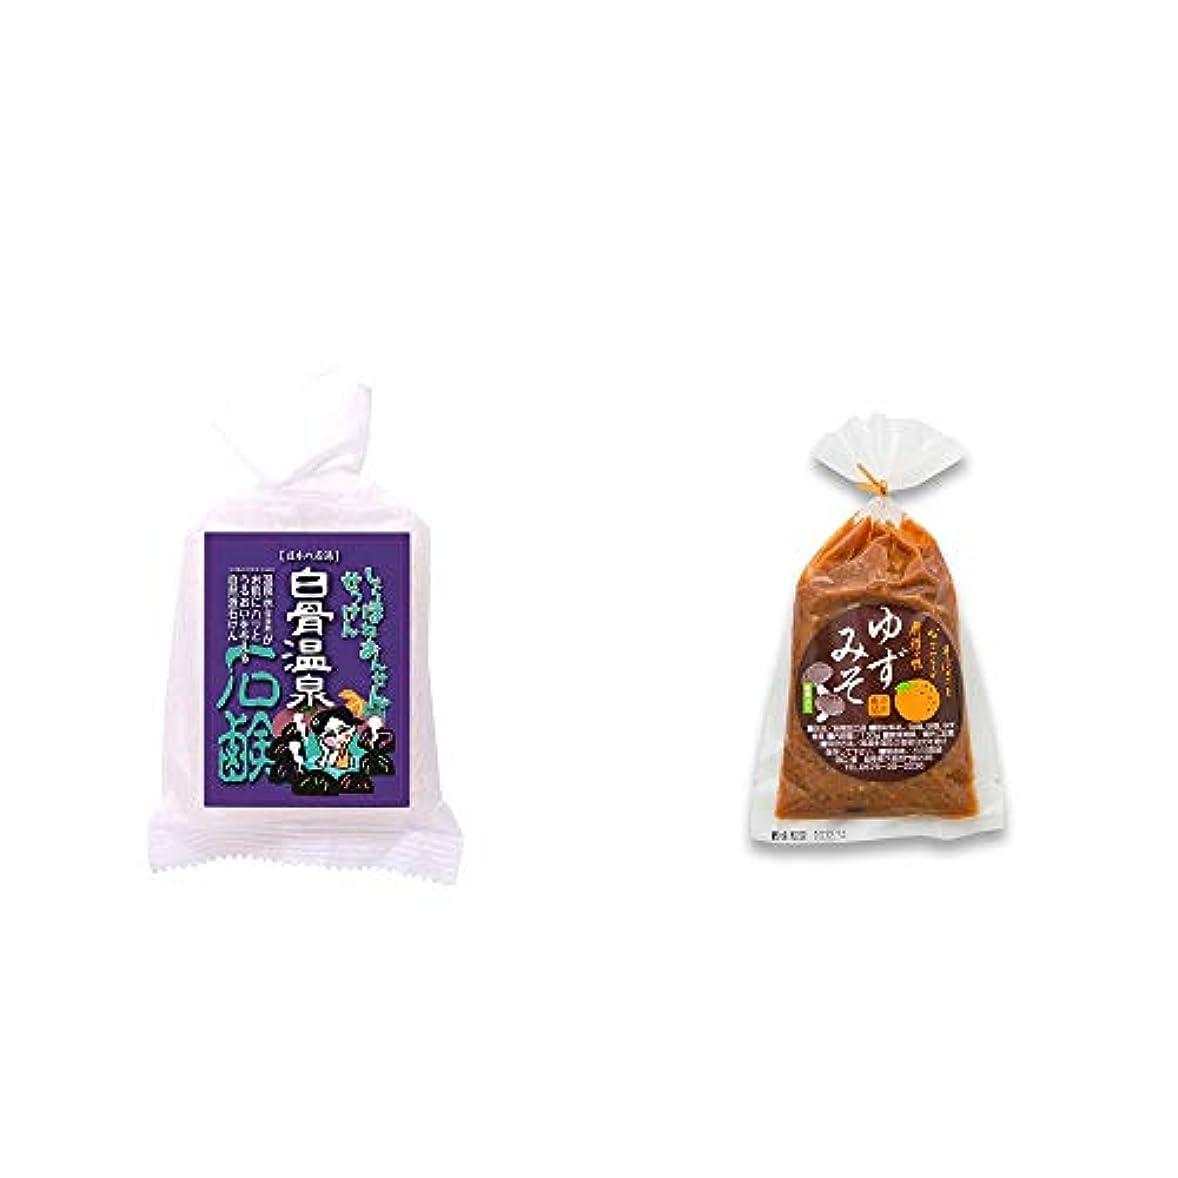 予備動くメディック[2点セット] 信州 白骨温泉石鹸(80g)?ゆずみそ(130g)